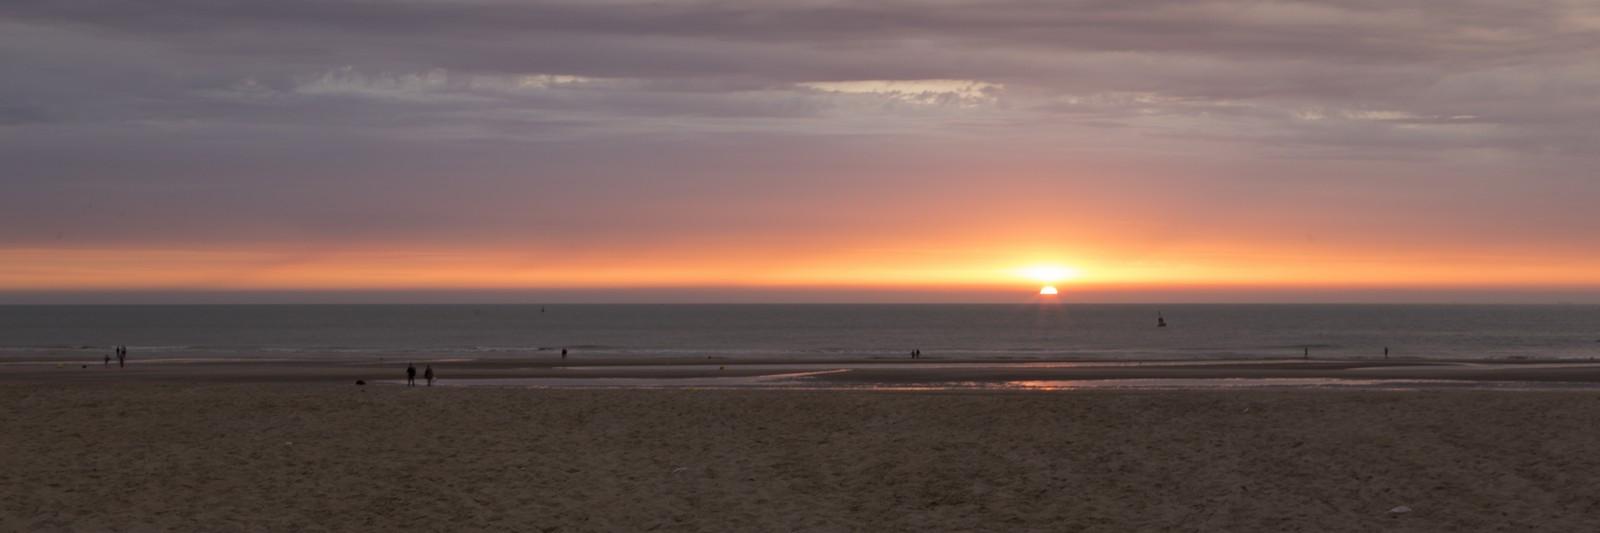 krist-hooghe-fotografie-oostende-zonsondergang-panorama